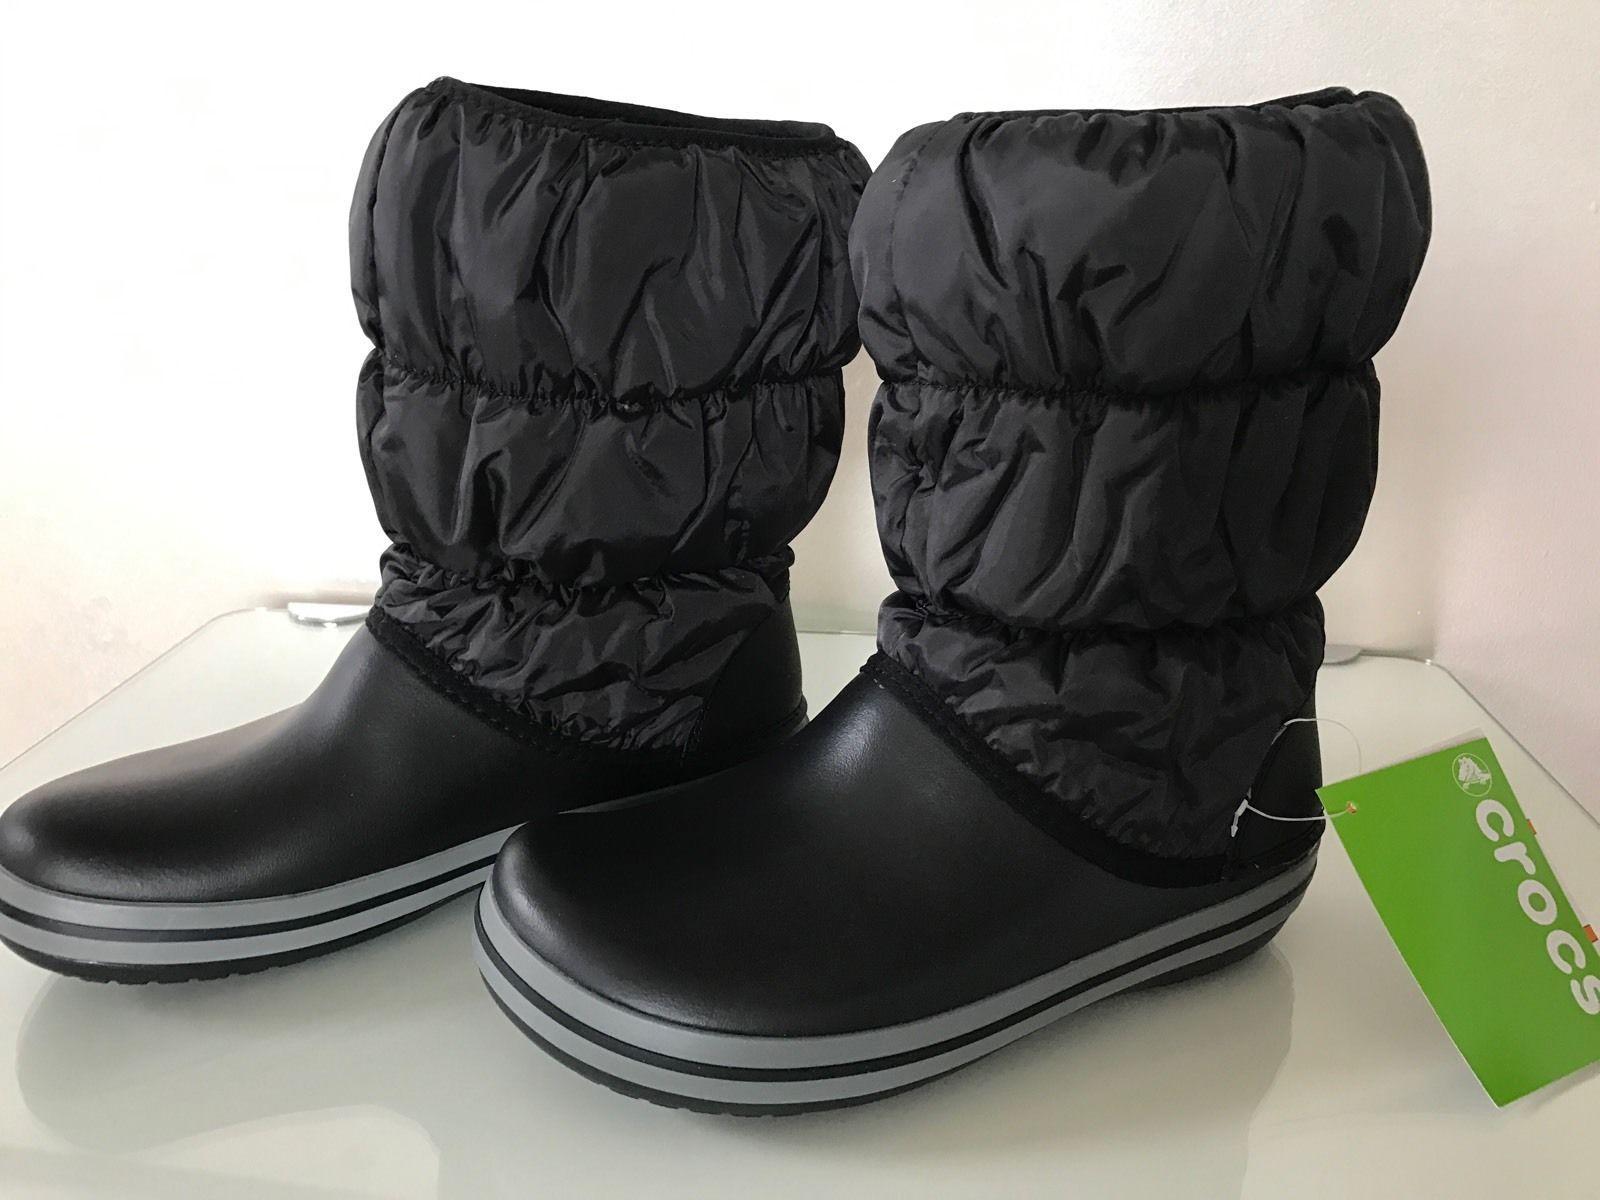 b6f838ac33b Dámské zimní boty crocs puff